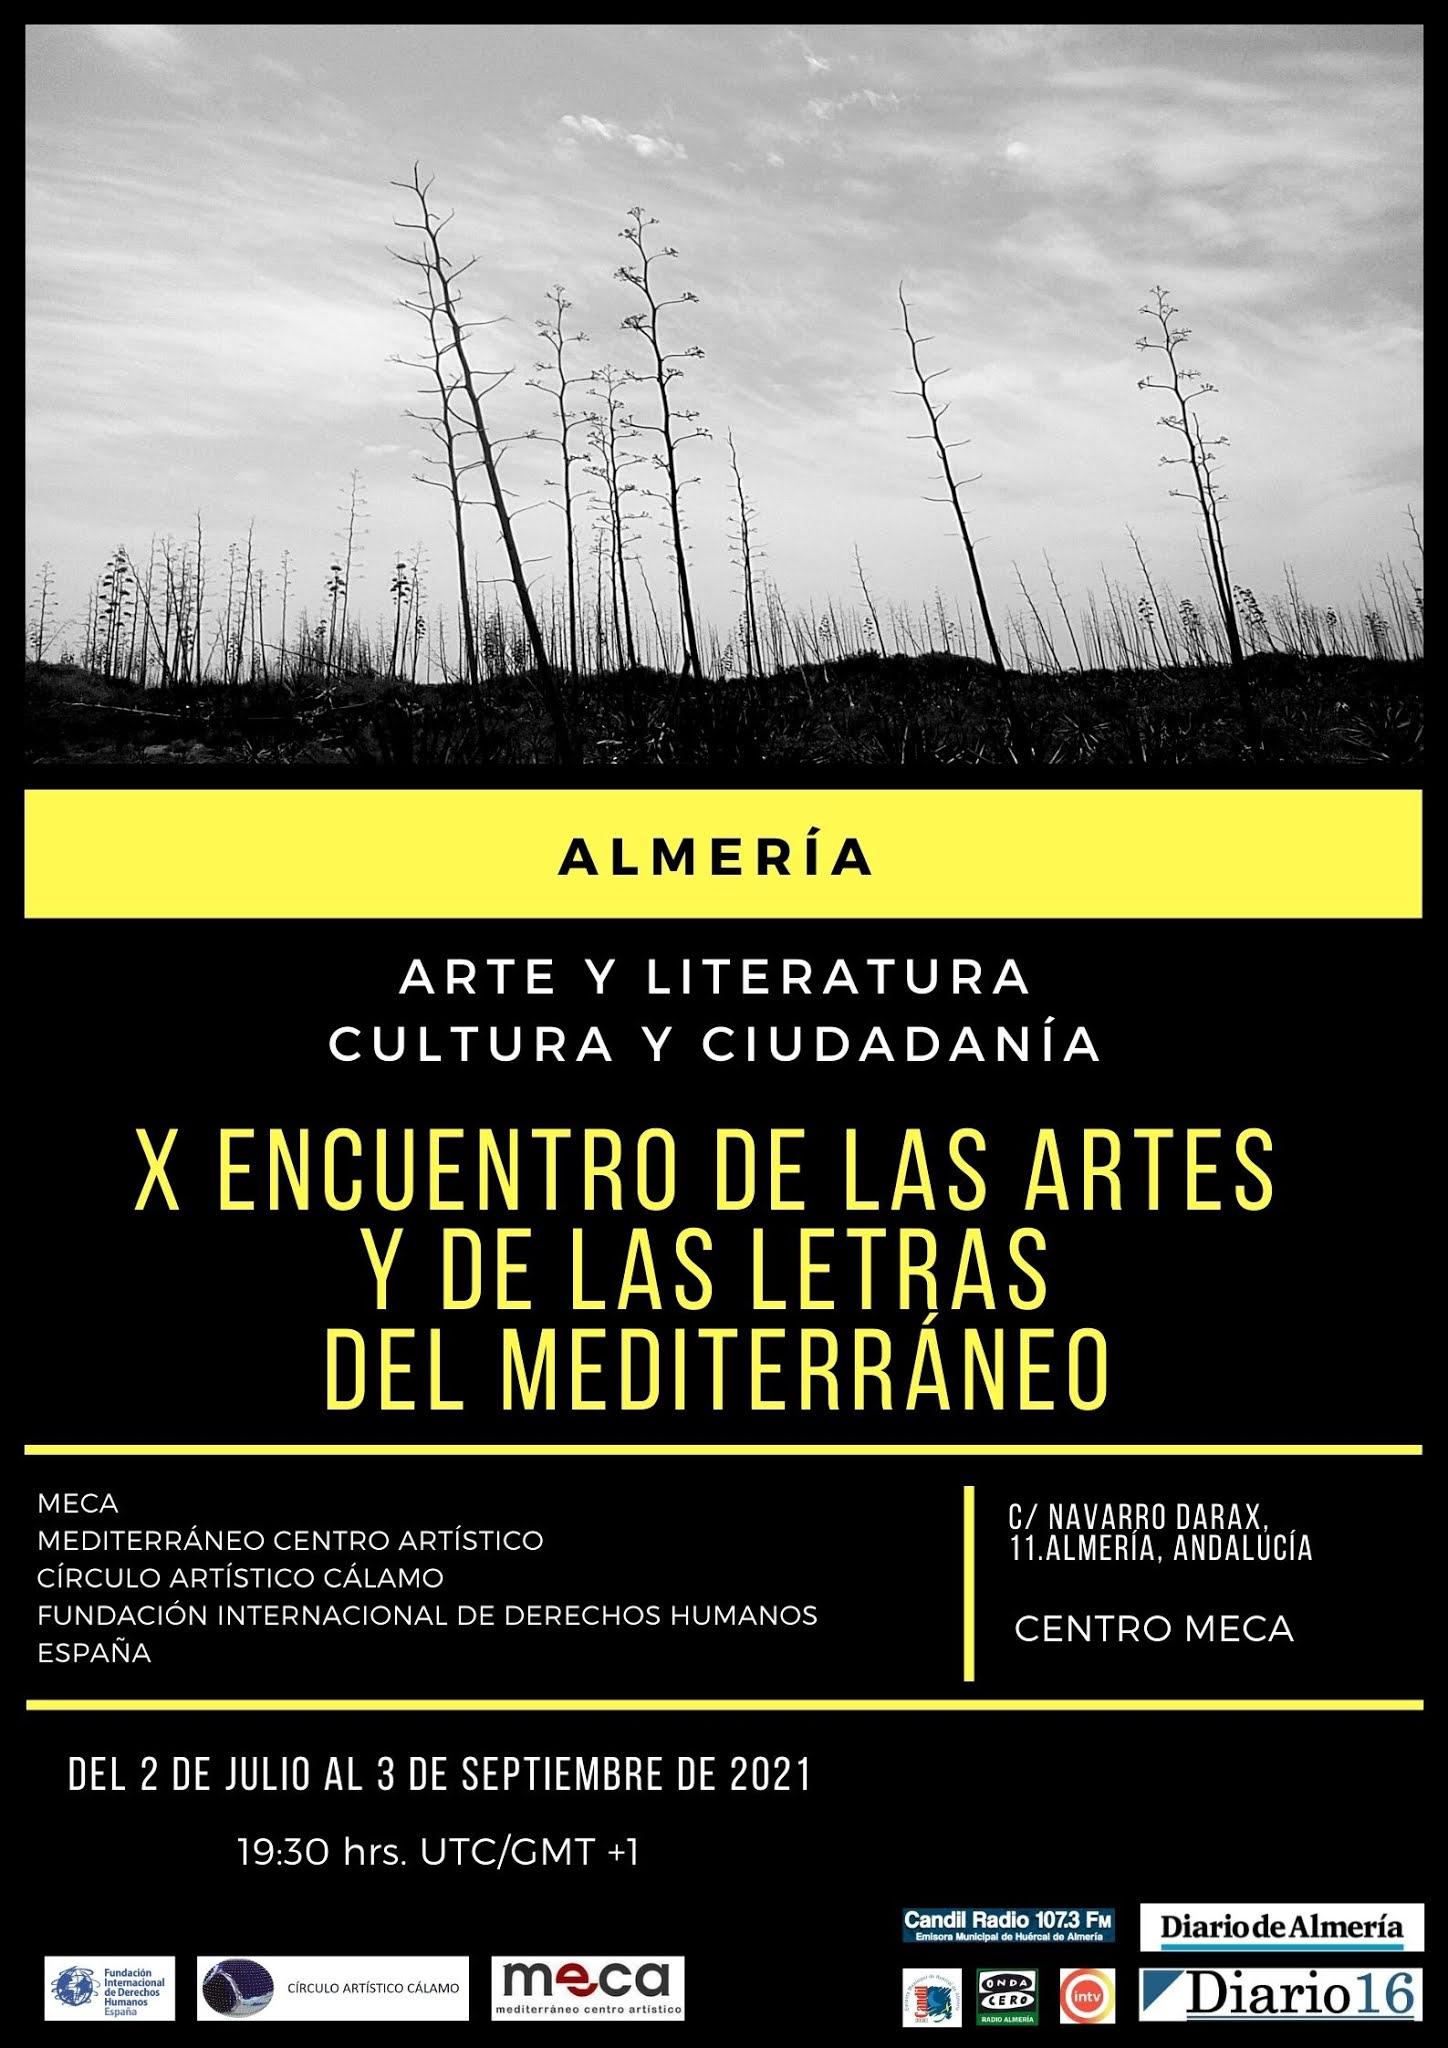 X Encuentro Letras Mediterraneo 2021